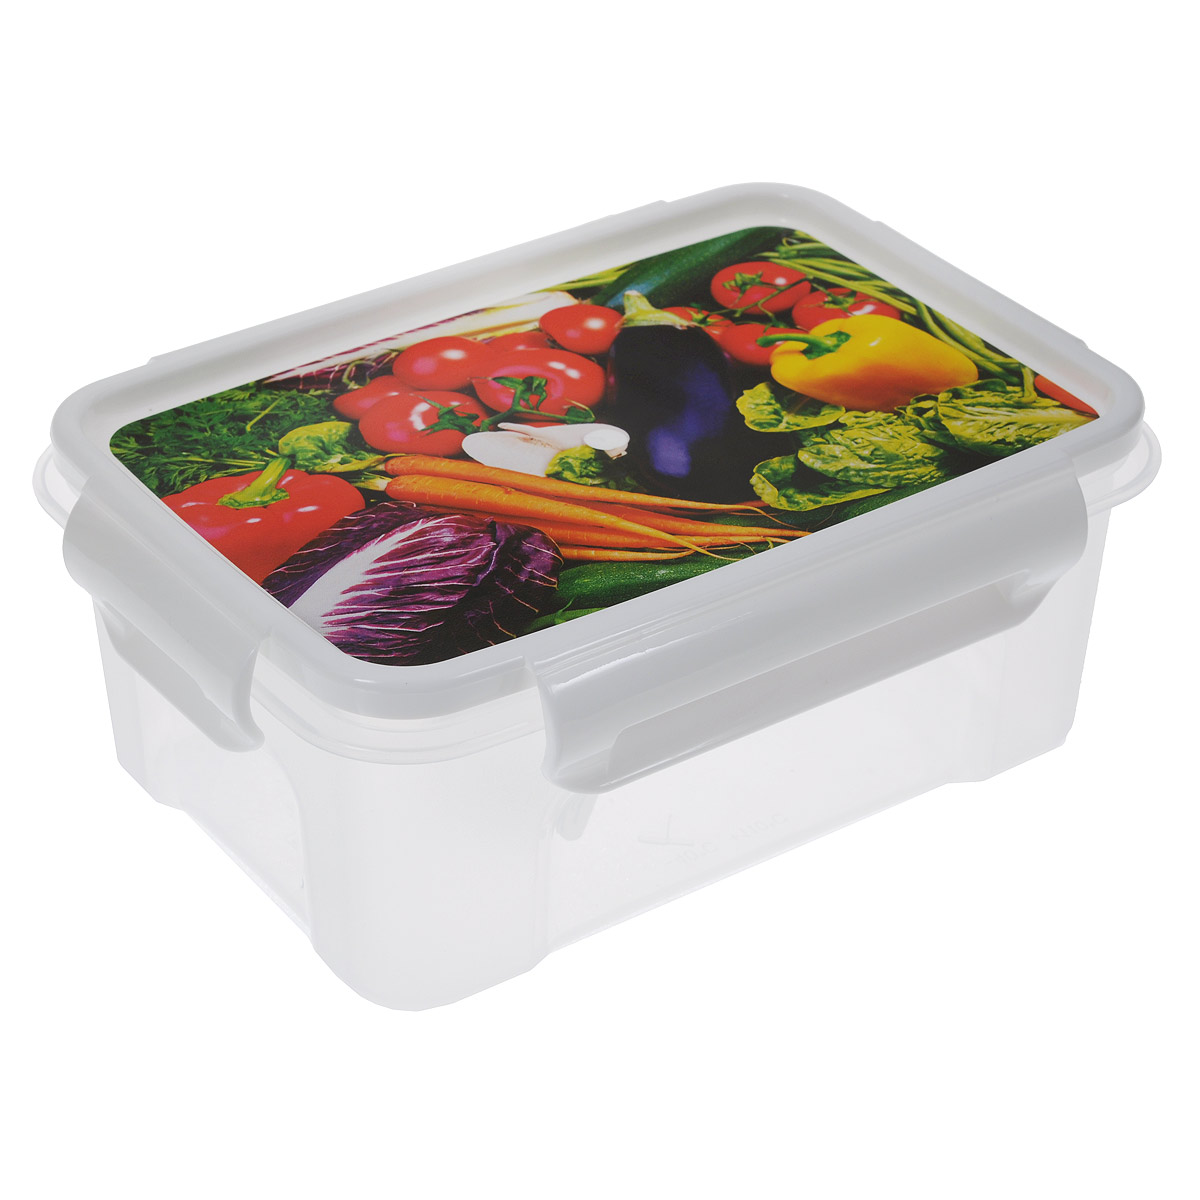 Контейнер Полимербыт Лок декор, 750 млС76101Контейнер Полимербыт Лок декор прямоугольной формы, изготовленный из прочного пластика, предназначен специально для хранения пищевых продуктов. Крышка, декорированная изображением овощей, легко открывается и плотно закрывается.Контейнер устойчив к воздействию масел и жиров, легко моется. Прозрачные стенки позволяют видеть содержимое. Контейнер имеет возможность хранения продуктов глубокой заморозки, обладает высокой прочностью. Можно мыть в посудомоечной машине. Подходит для использования в микроволновых печах.